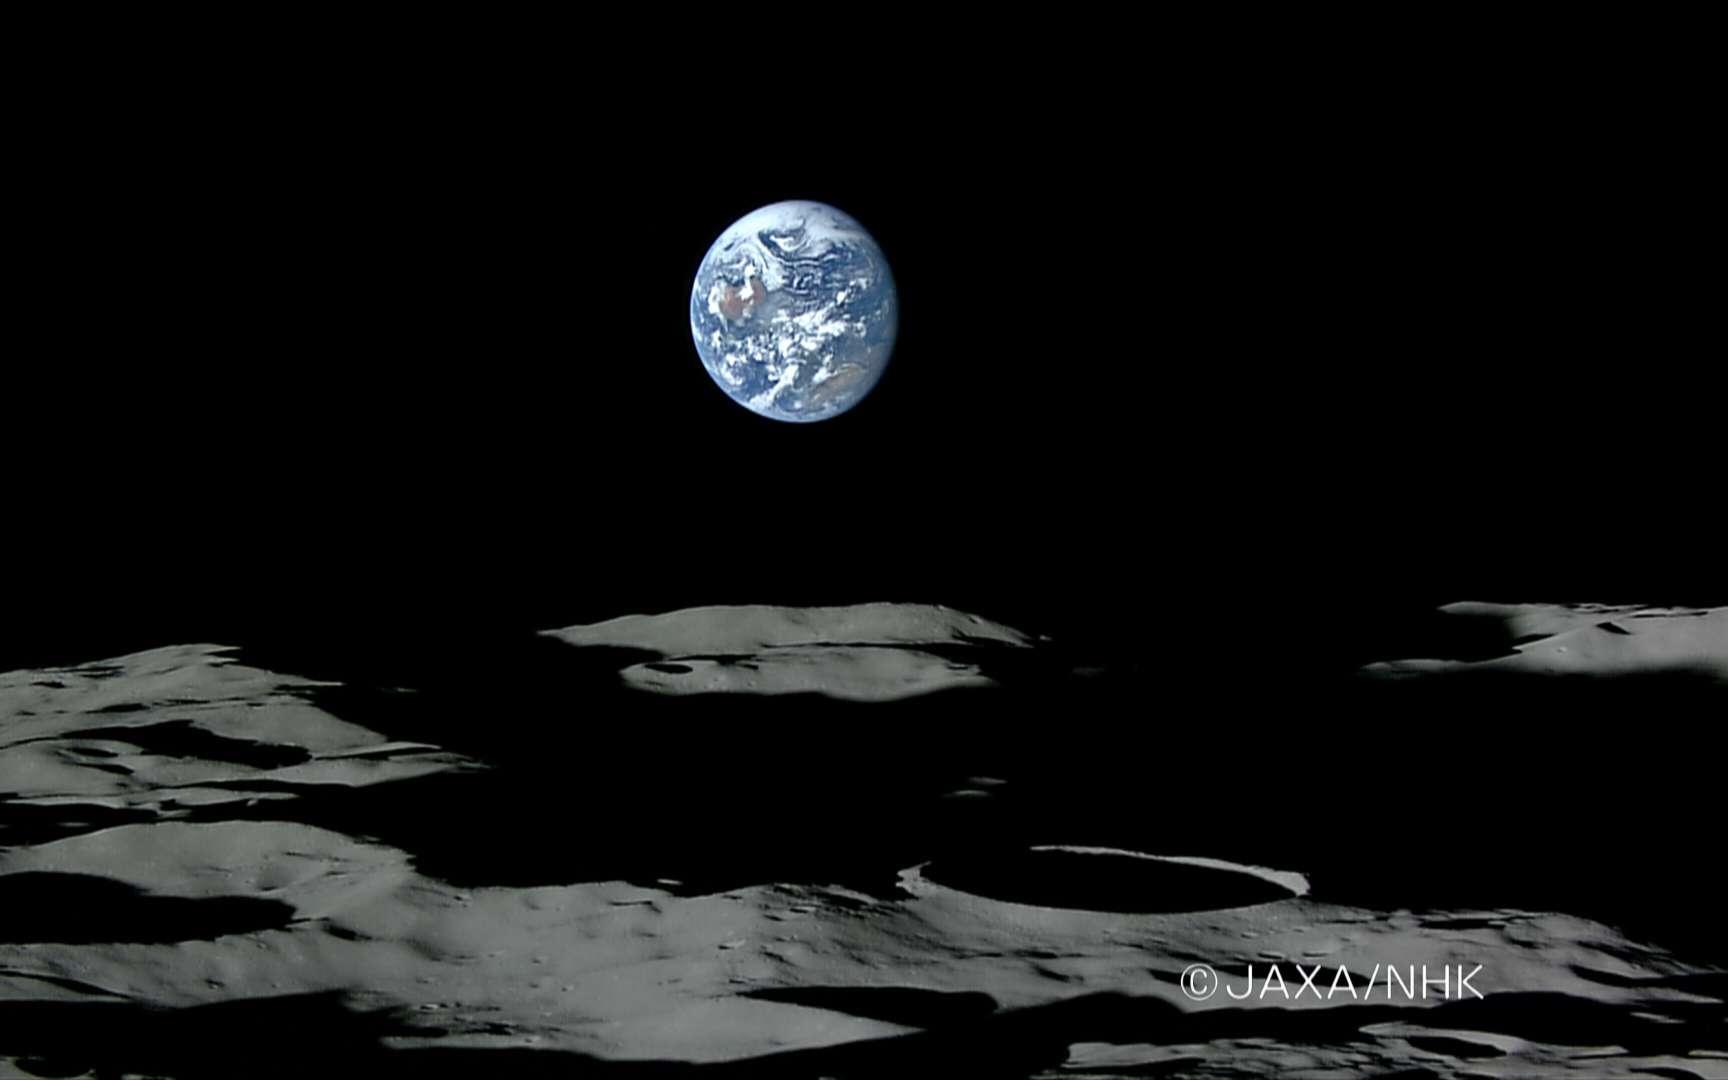 Coucher de Terre au Pôle Sud. Coucher de Terre au Pôle Sud, le cratère au dessus du copyright est Shackleton, diamètre : 19 km. La sonde Kaguya-Selene est à une altitude de 100 km environ. Crédit : JAXA - NHK